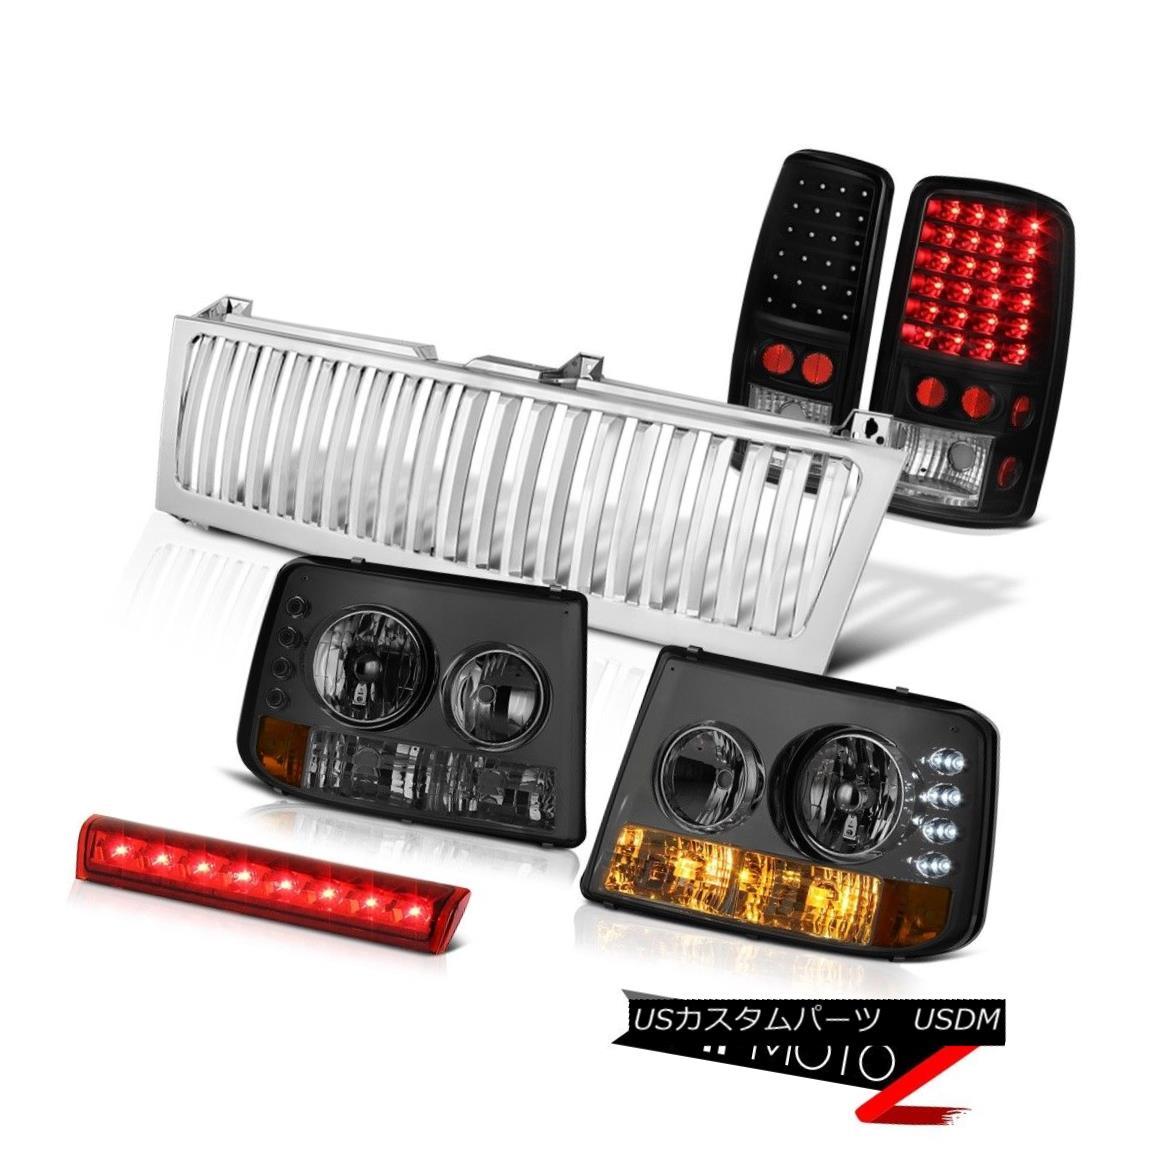 テールライト 00 01 02 03 04 Suburban LS Headlights SMD Brake Tail Lights Third Cargo Grille 00 01 02 03 04郊外LSヘッドライトSMDブレーキテールライト第3貨物グリル